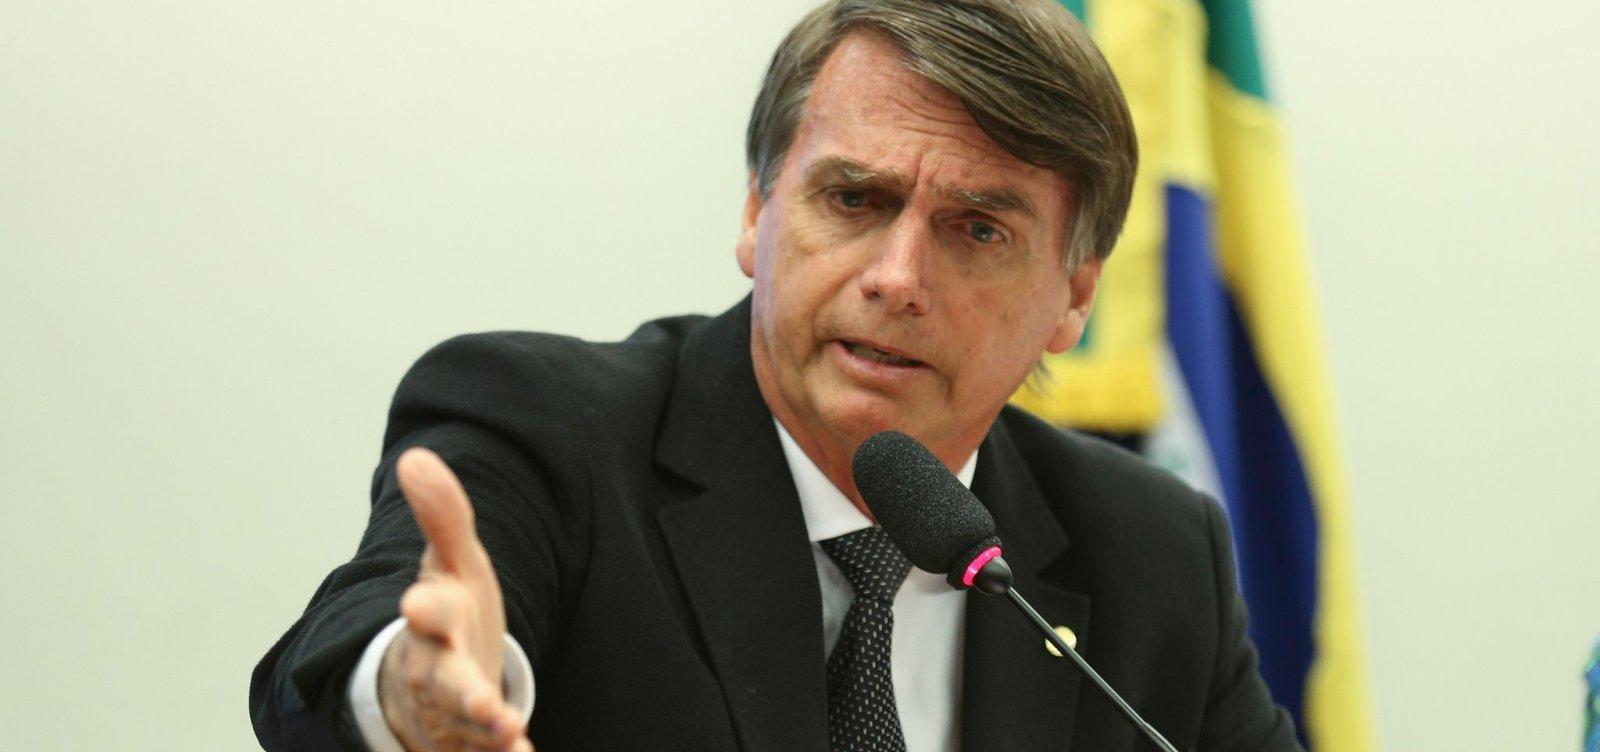 [Mesmo com carta branca a Moro, combate a corrupção deve ter responsabilidade, diz Bolsonaro]